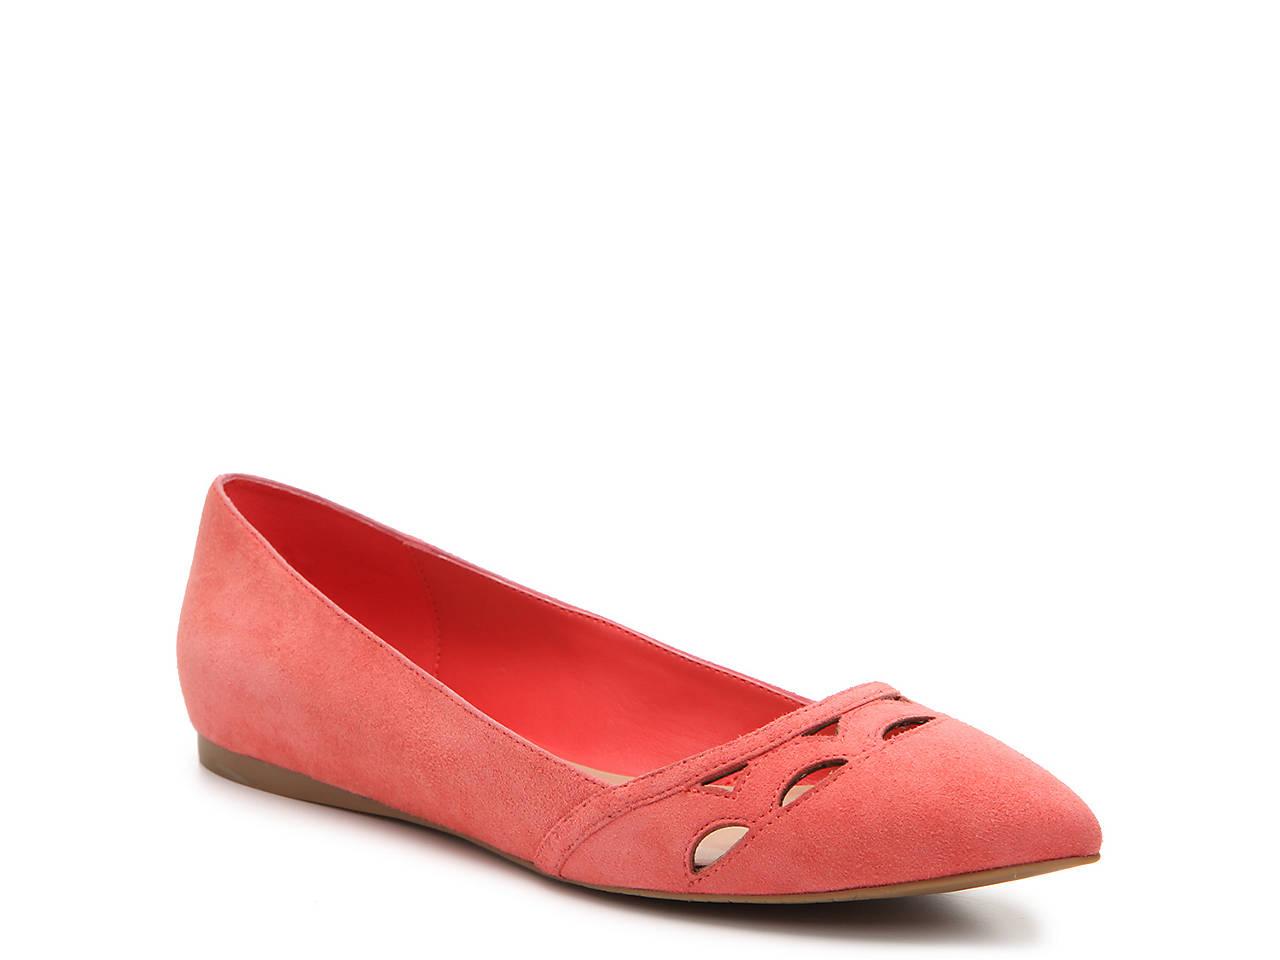 fbb2f4393c90 Audrey Brooke Marte Flat Women's Shoes | DSW